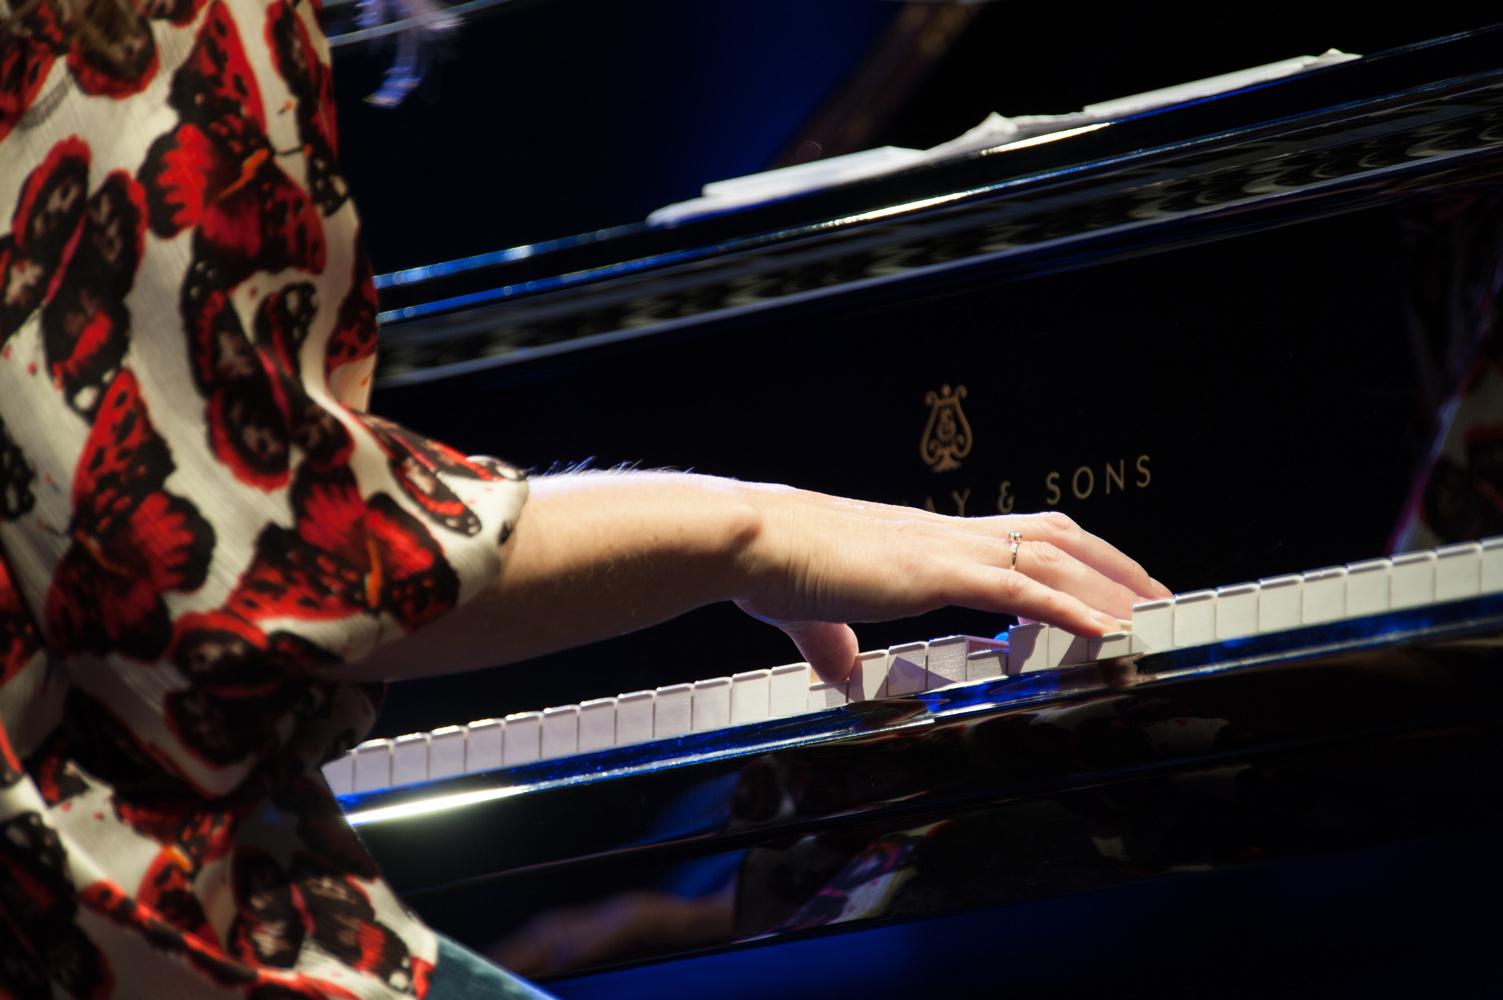 Klaviermusik bei einem Event